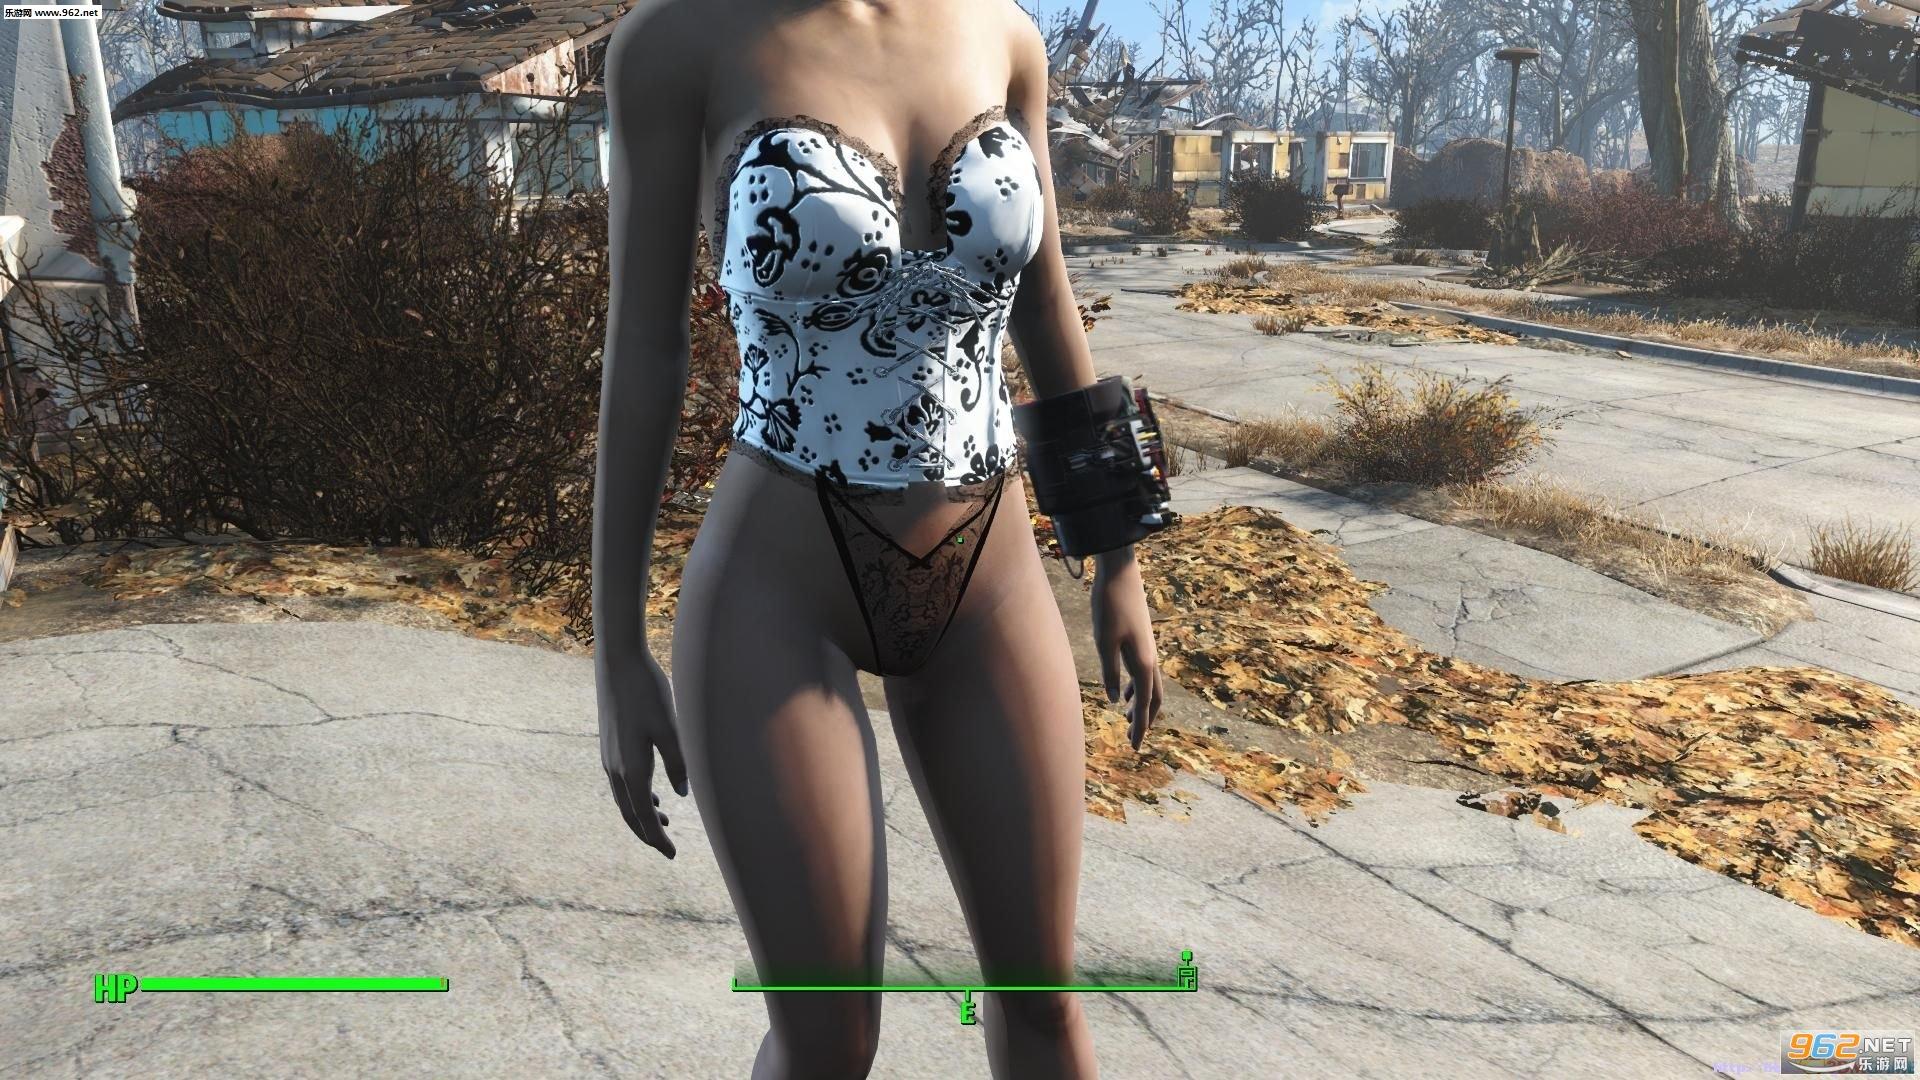 辐射4性感内衣合集|辐射4邪恶mod下载-乐游网游戏下载